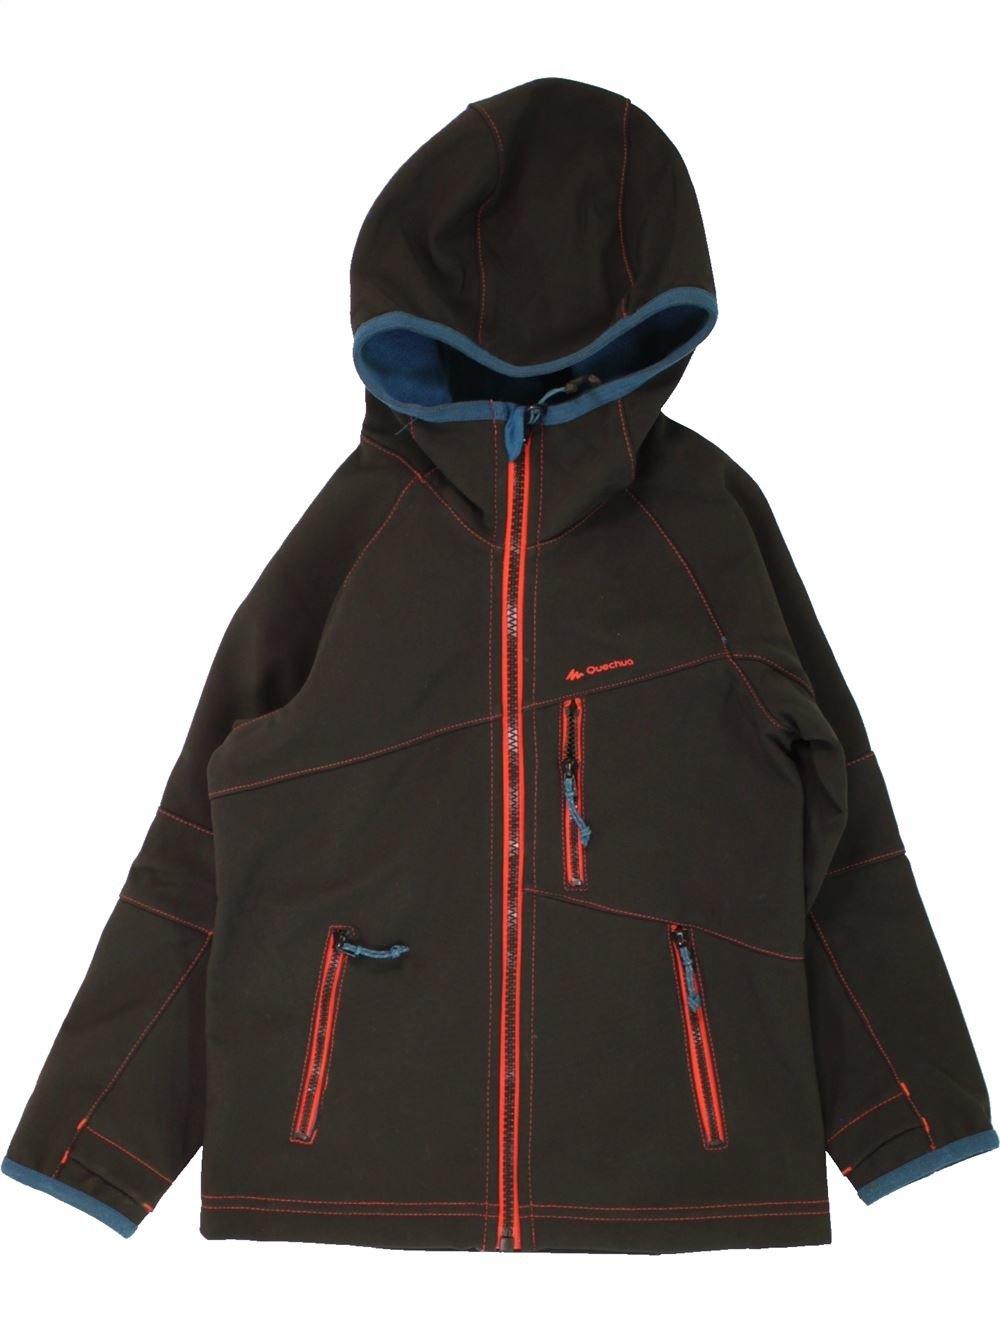 Garçon Quechua Veste 4 75 Cher € 1467276 Pas Ans 9 pdnfwn